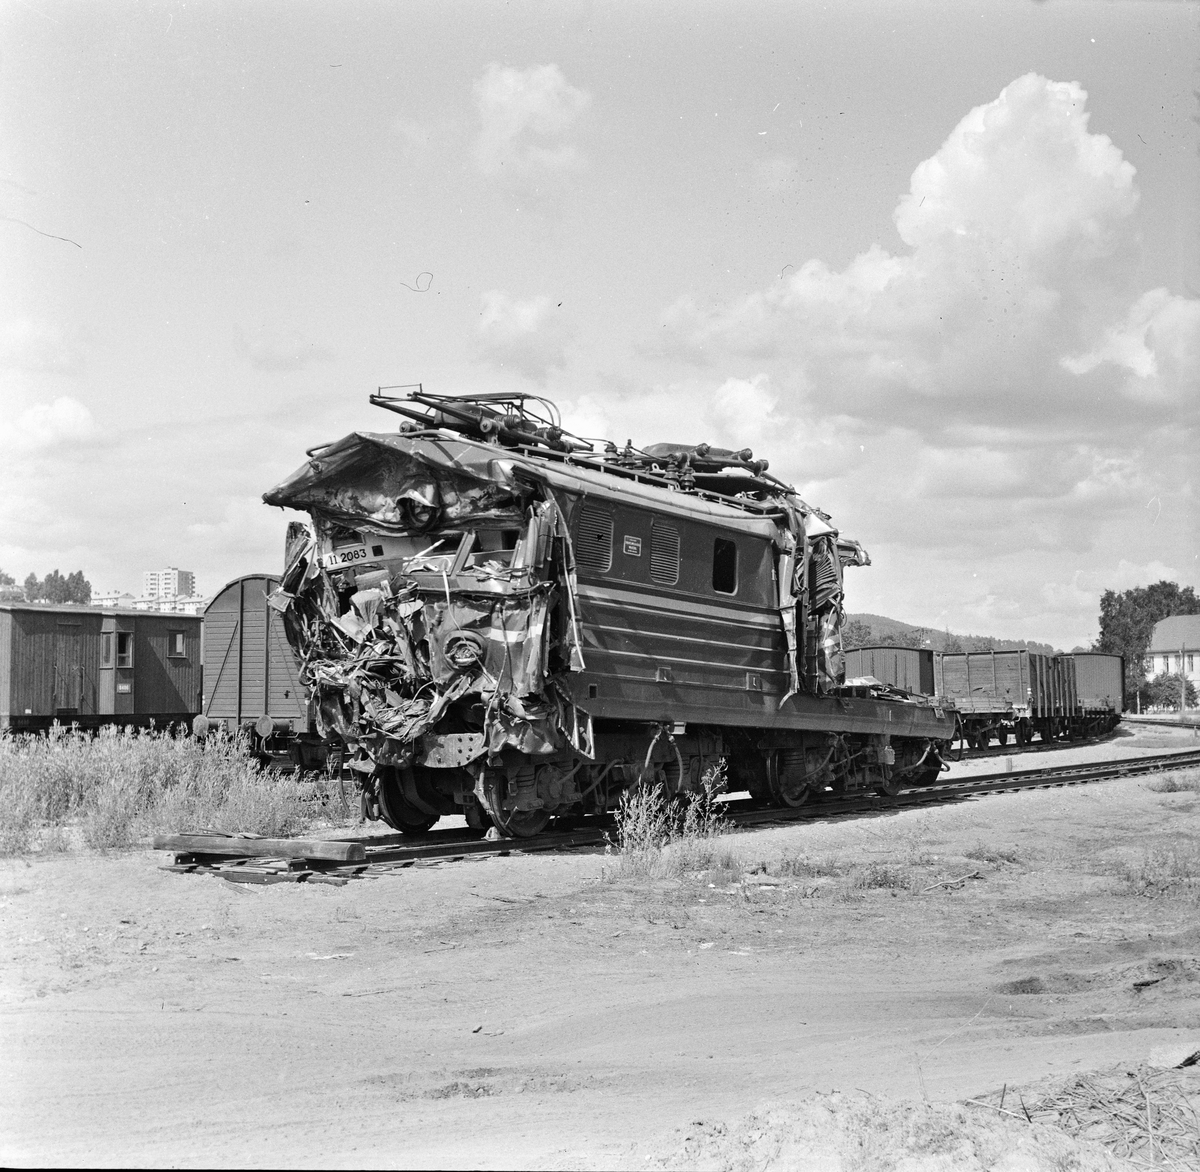 Elektrisk lokomotiv tyle El 11 ble kraftig ødelagt i kollisjonen ved Nydalen 19.06.1966.